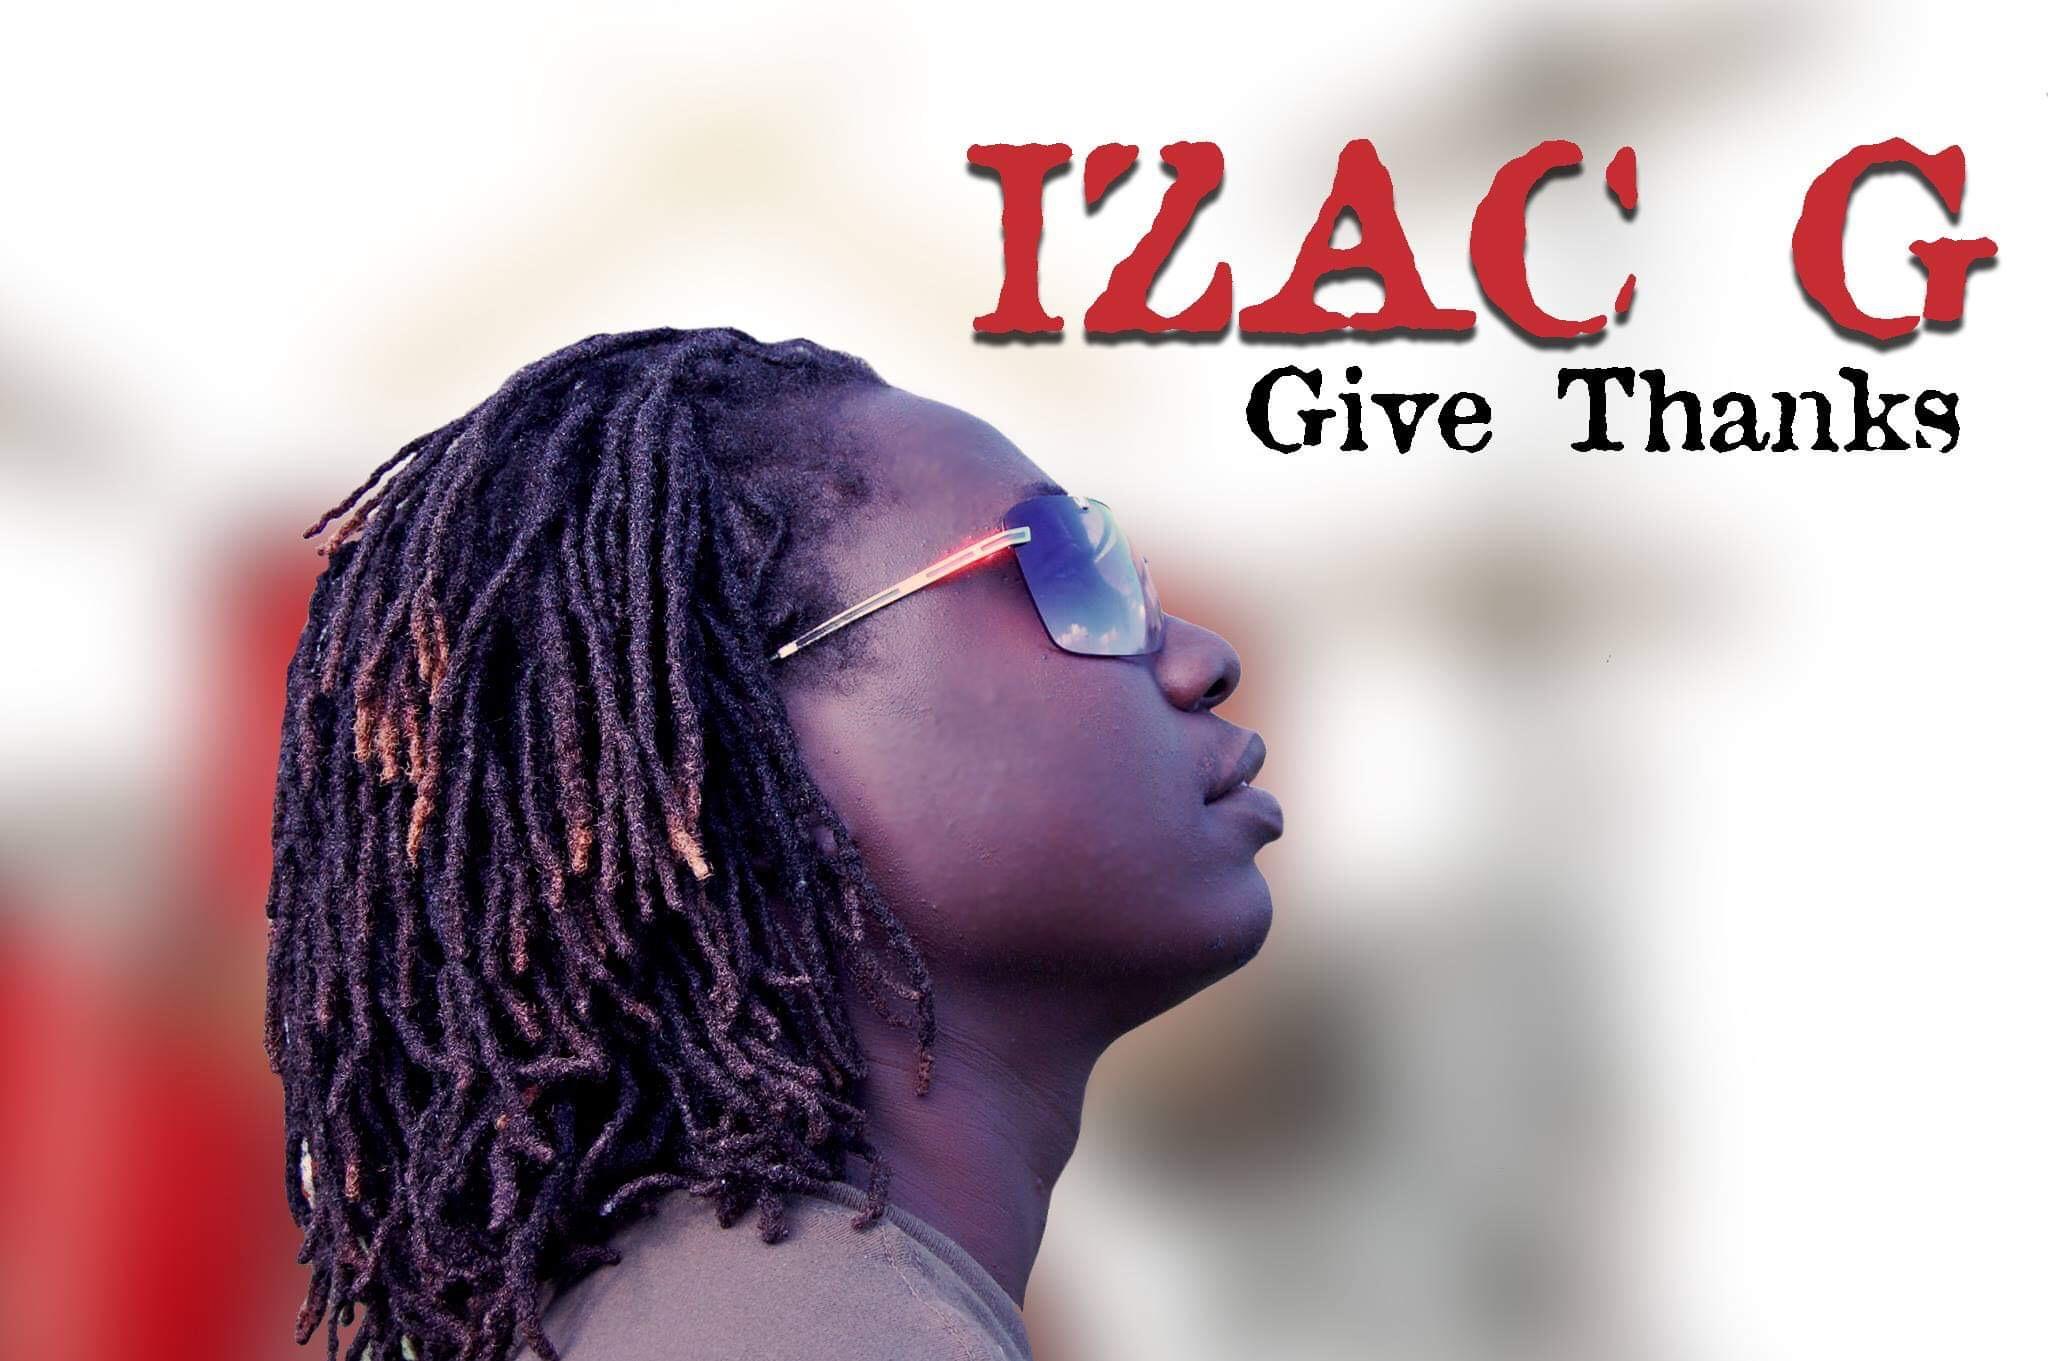 Art for Jesus n me by Izac G